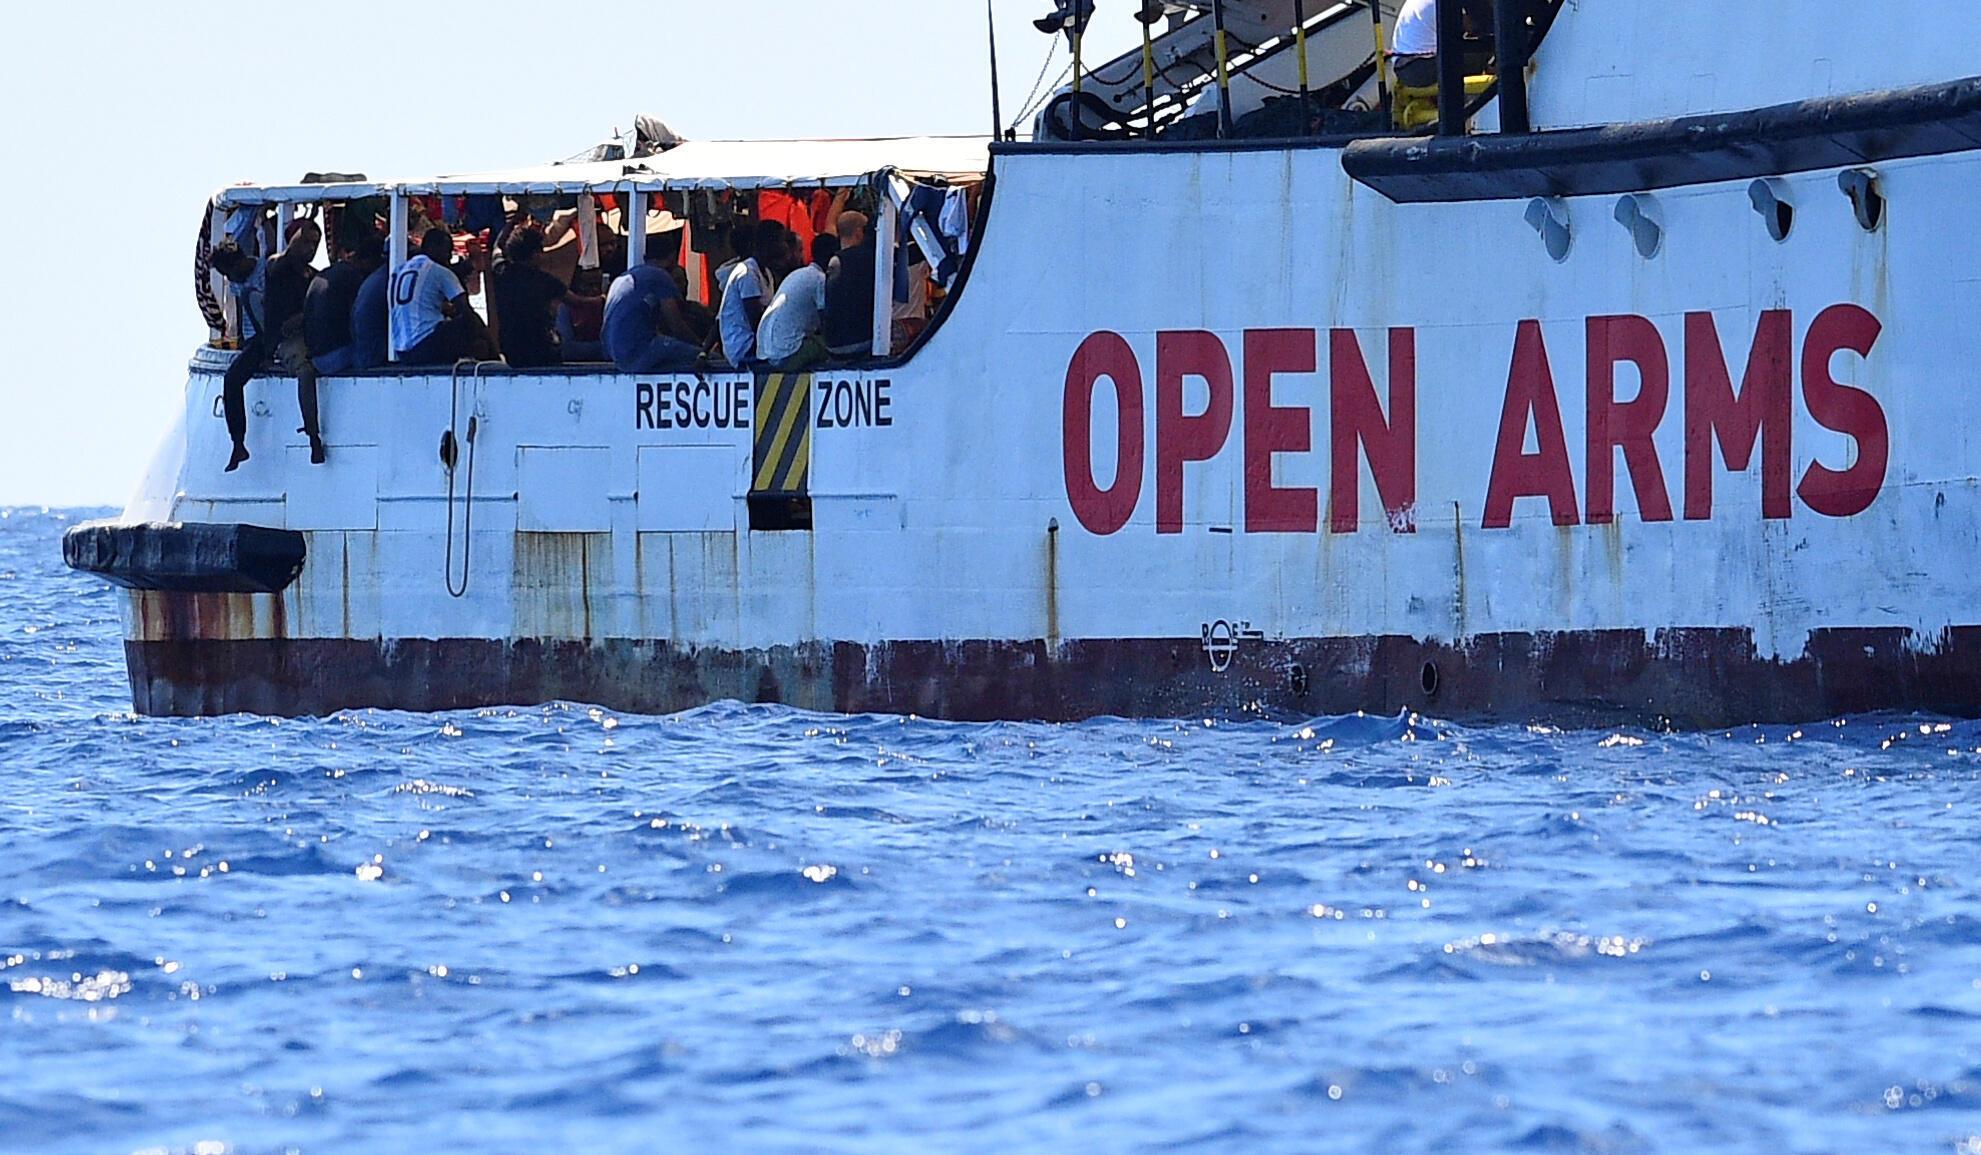 Спасательное судно Open Arms